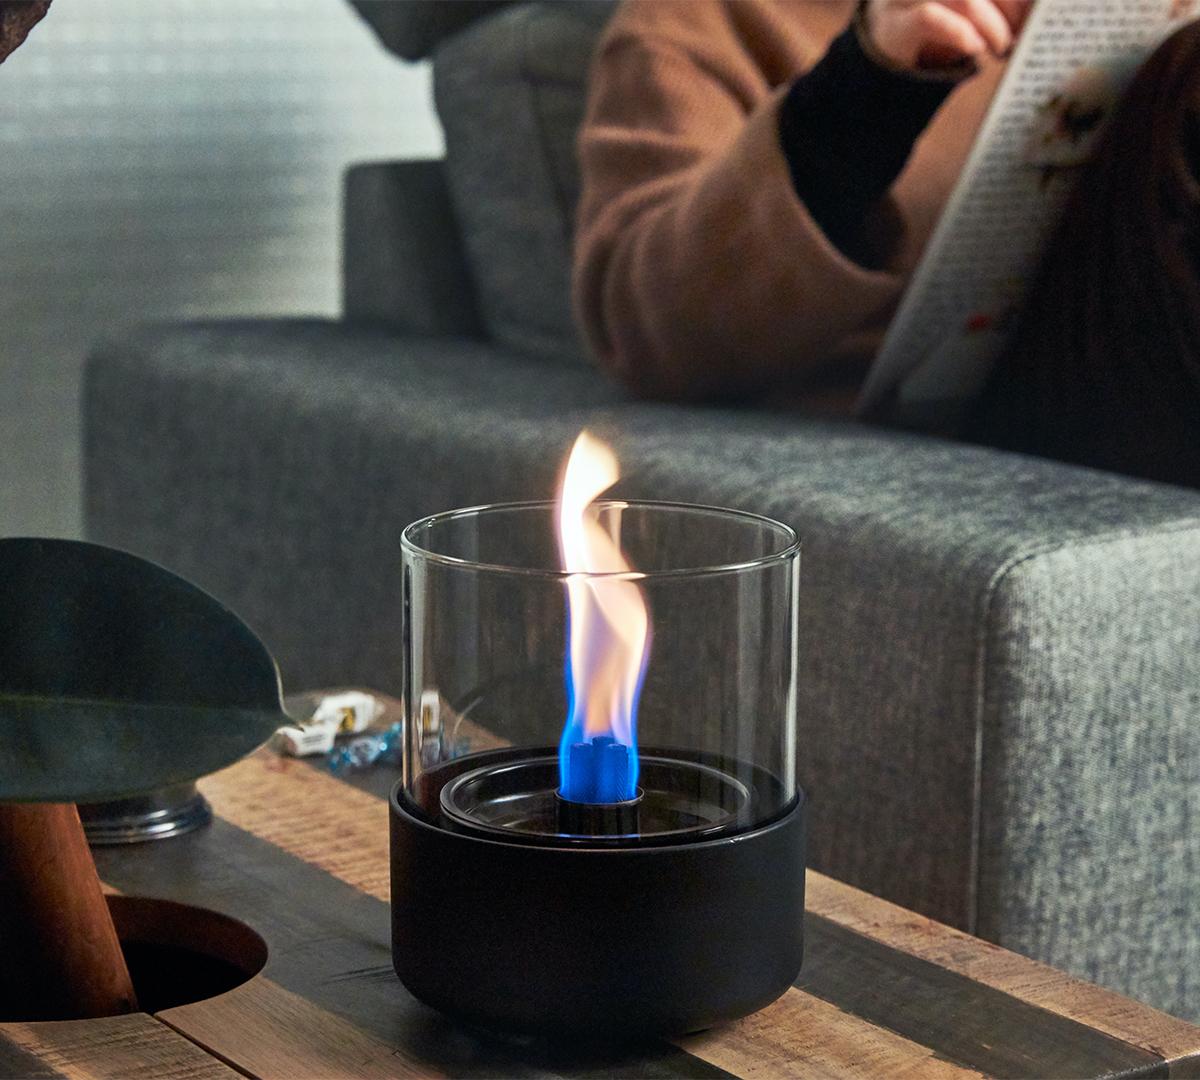 この小さな焚き火を見つめる時間は、私に大きな癒しを与えてくれました。ニオイや煙が出ず、倒しても安心の特殊燃料で手軽に楽しめる!「卓上ランプ、テーブルライト」|LOVINFLAME(ラヴィンフレーム)